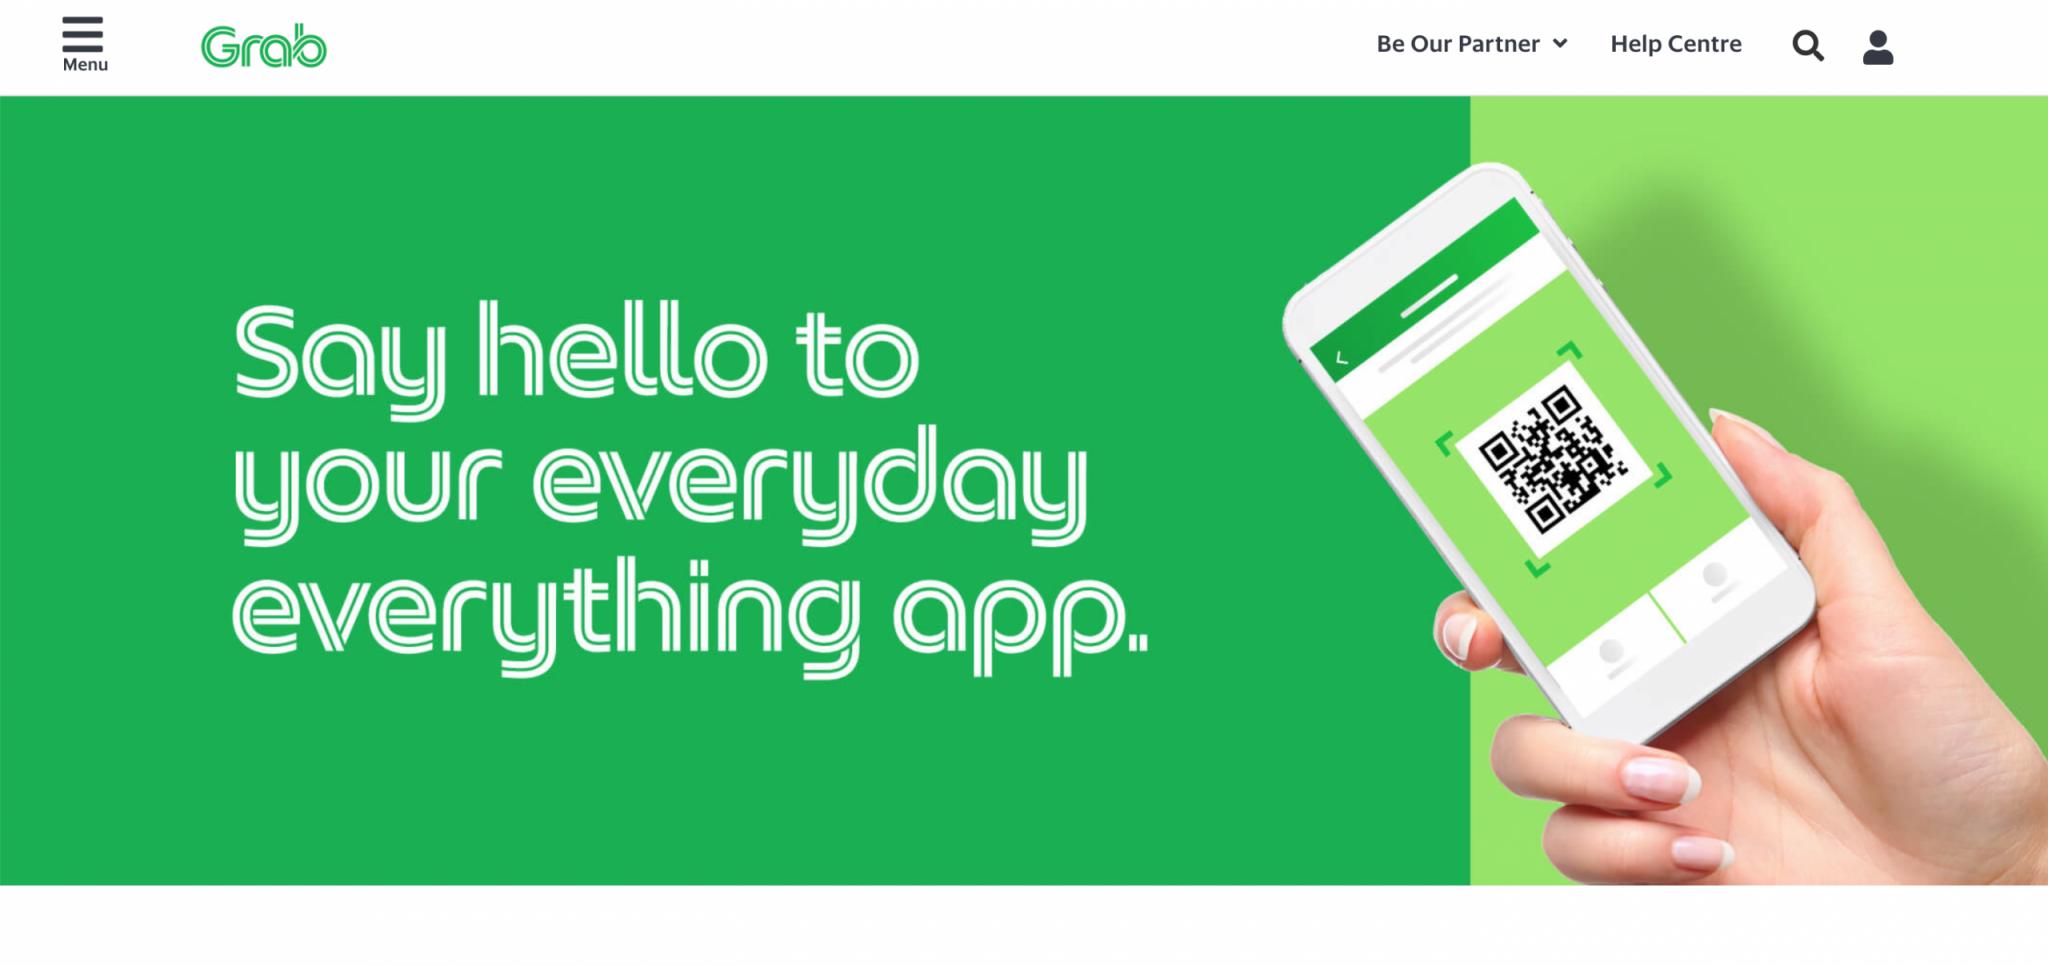 實用App:綠色的官網底配上一隻手拿著手機開啟軟體畫面英文字